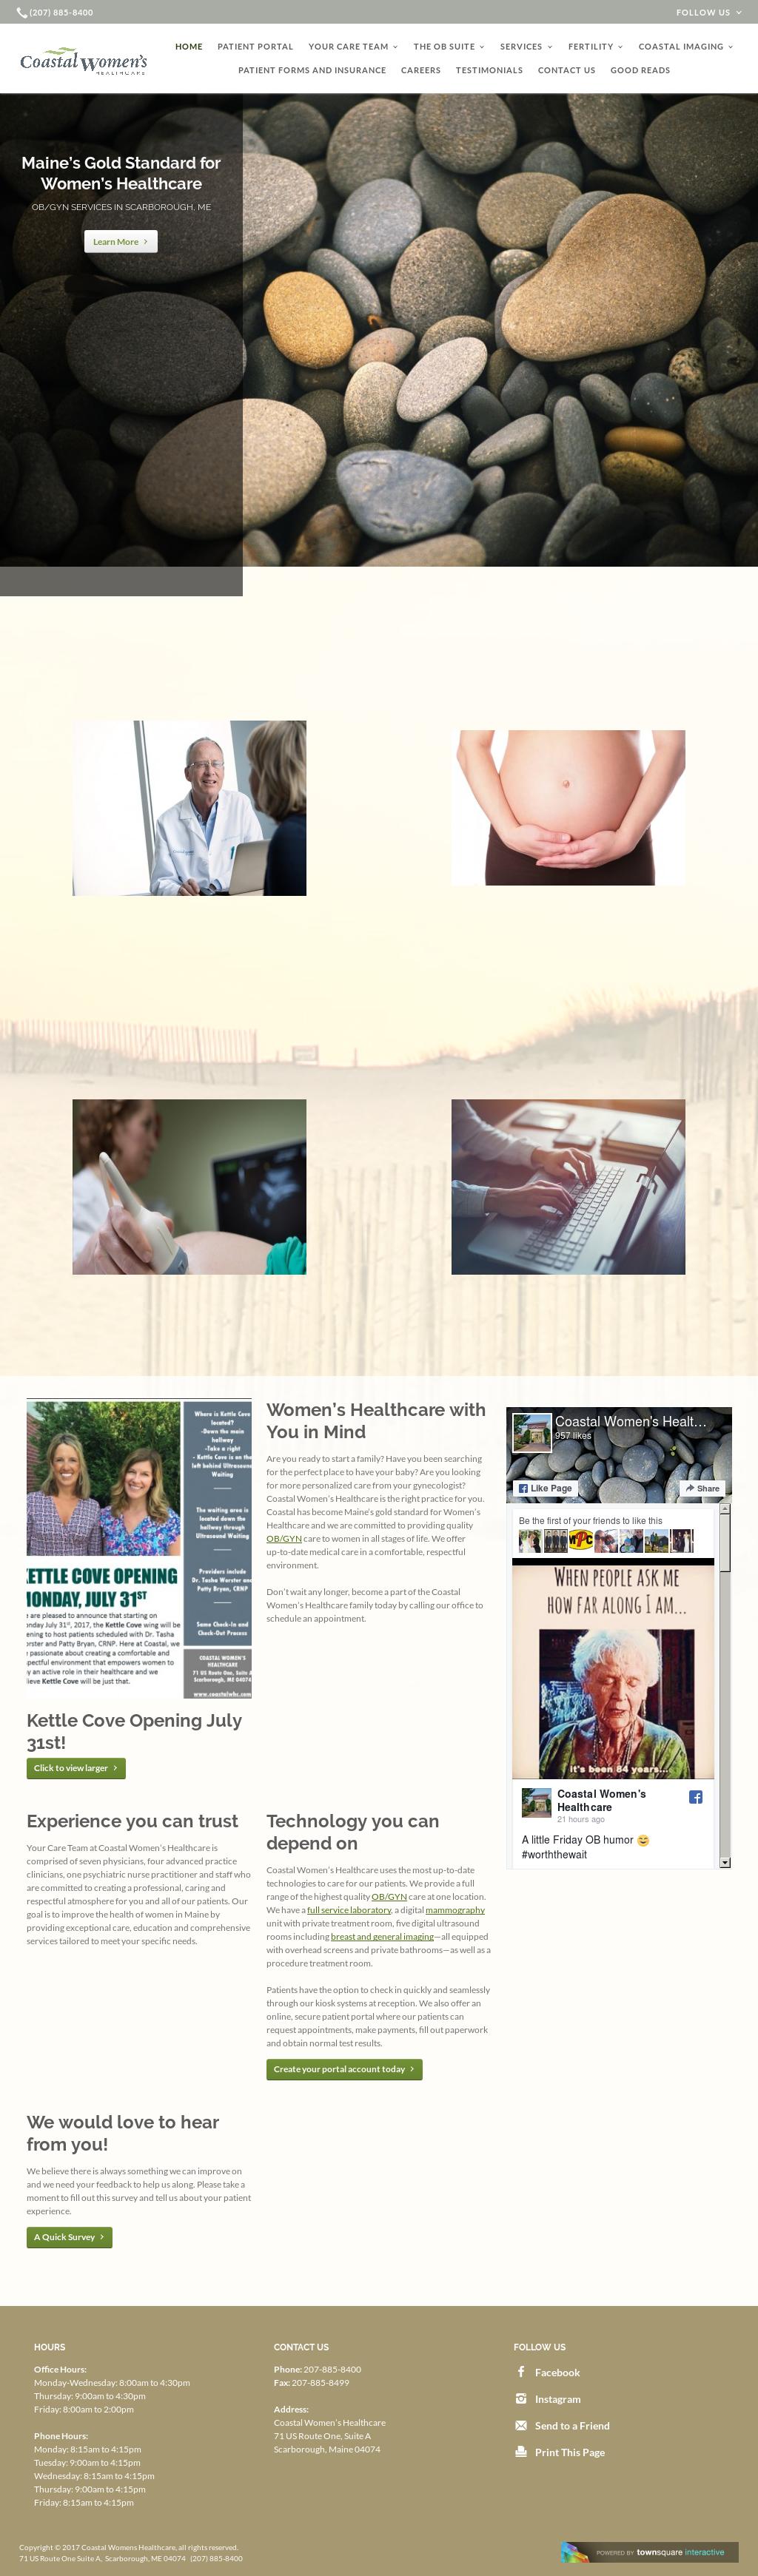 Coastal Women's Healthcare Competitors, Revenue and